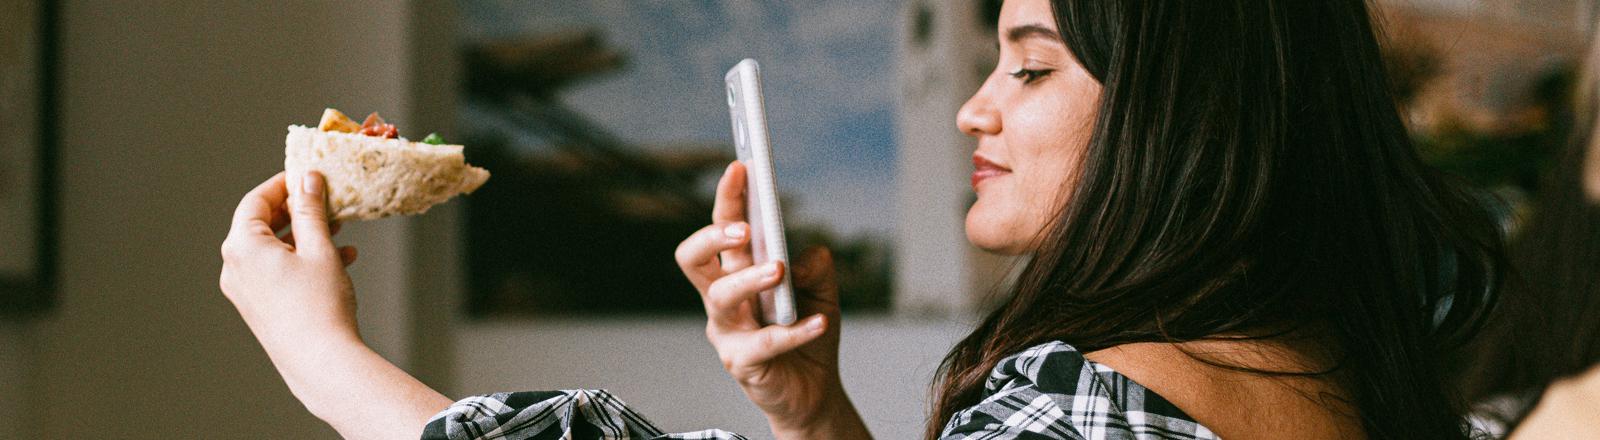 Eine Frau macht ein Handyfoto von ihrem Brötchen.